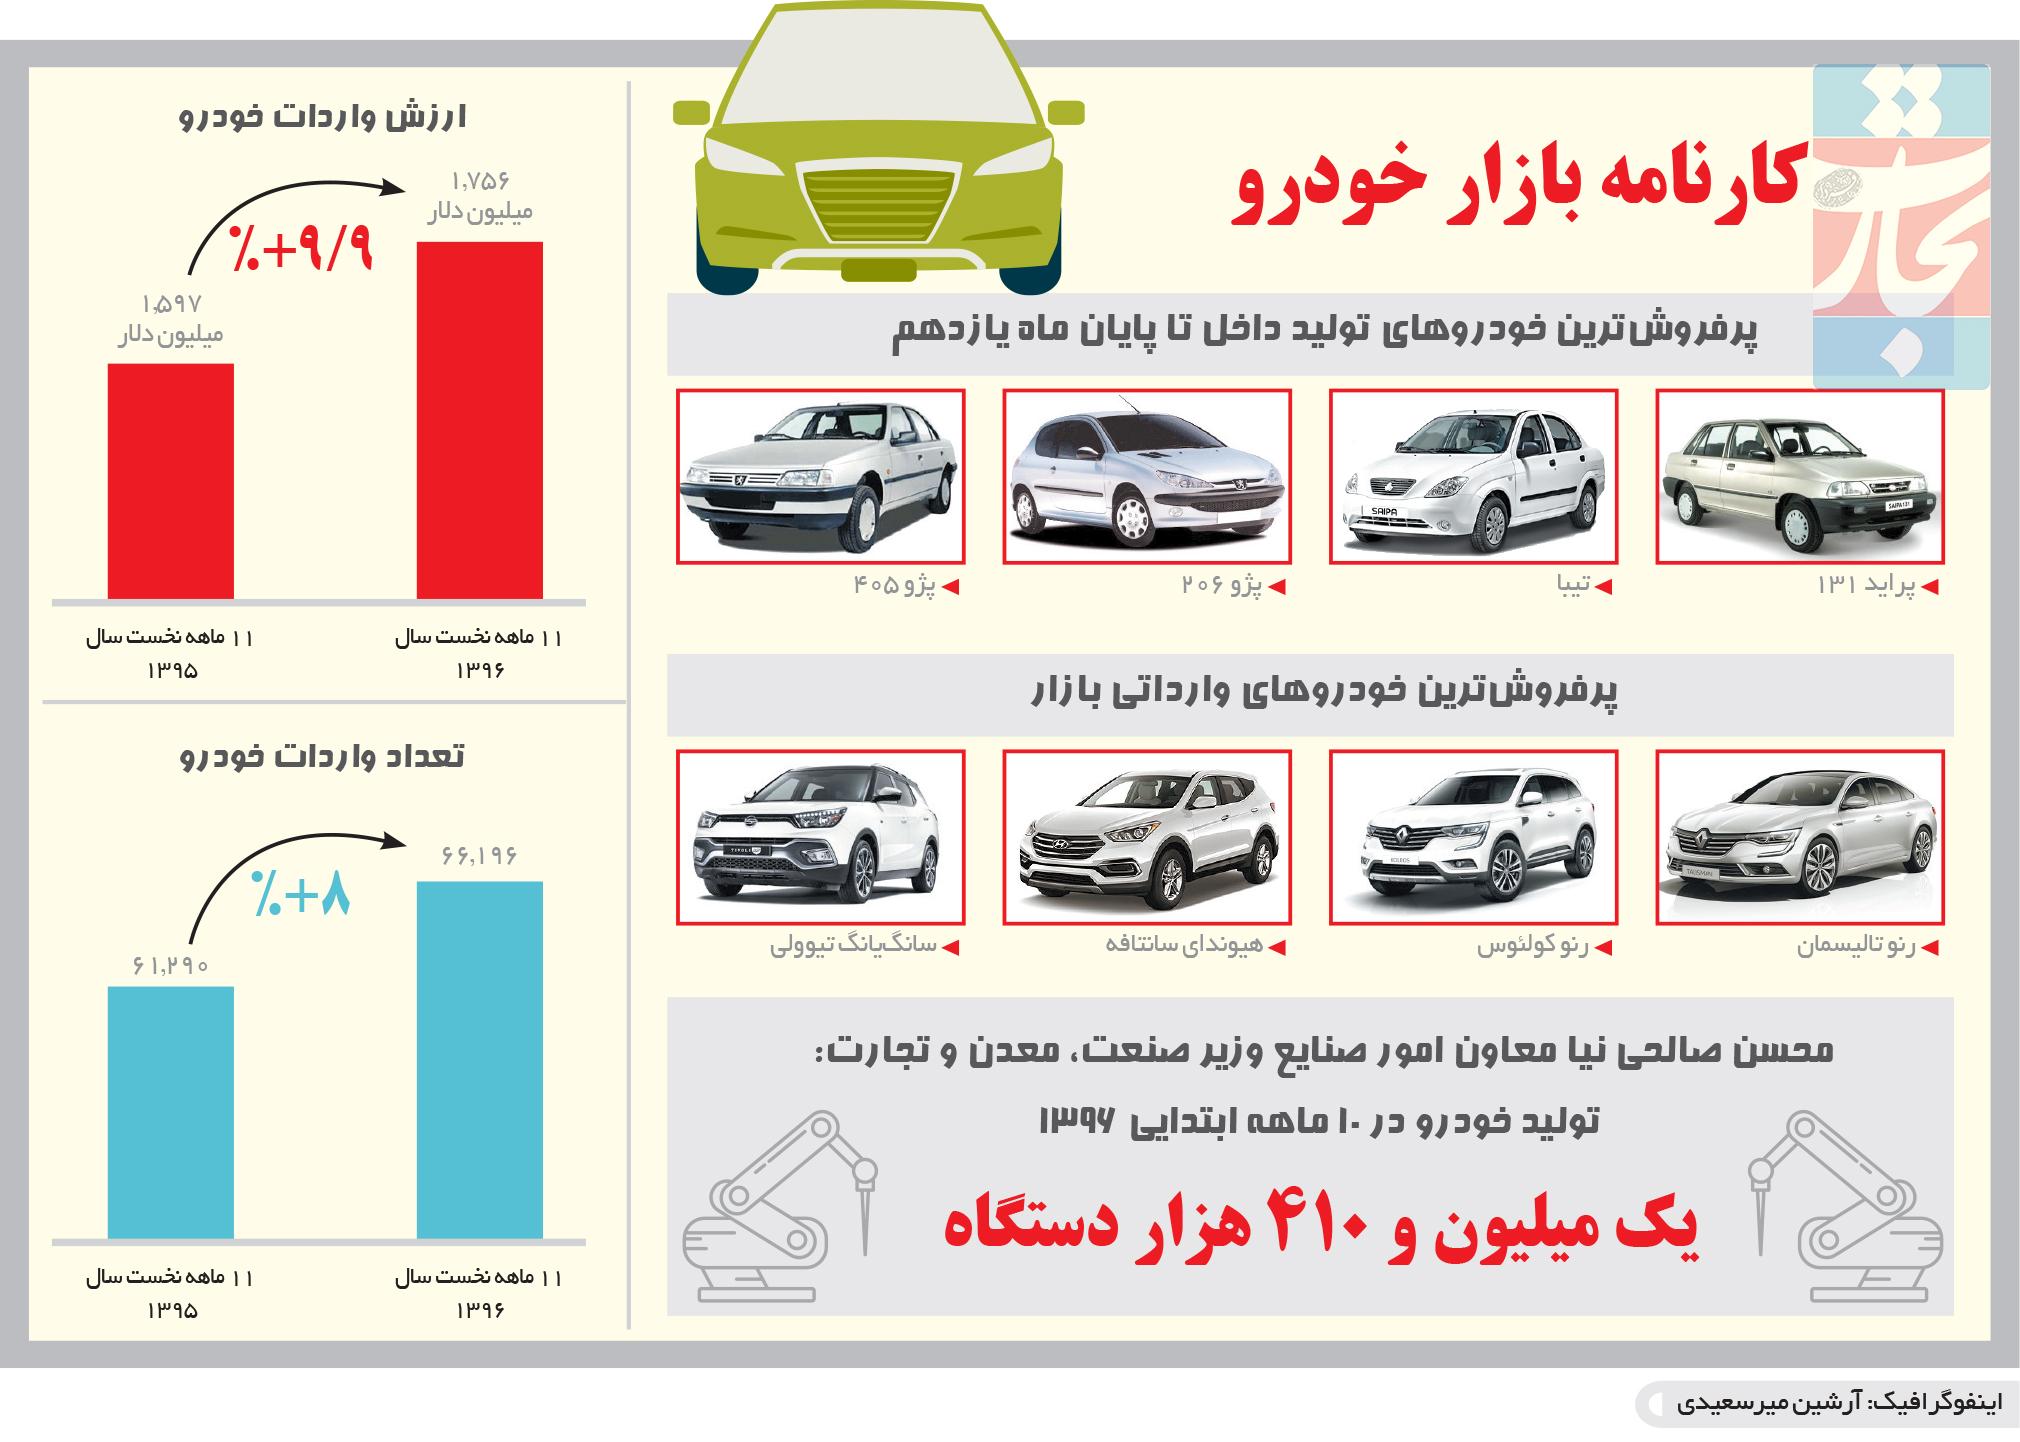 تجارت فردا- اینفوگرافیک- کارنامه بازار خودرو